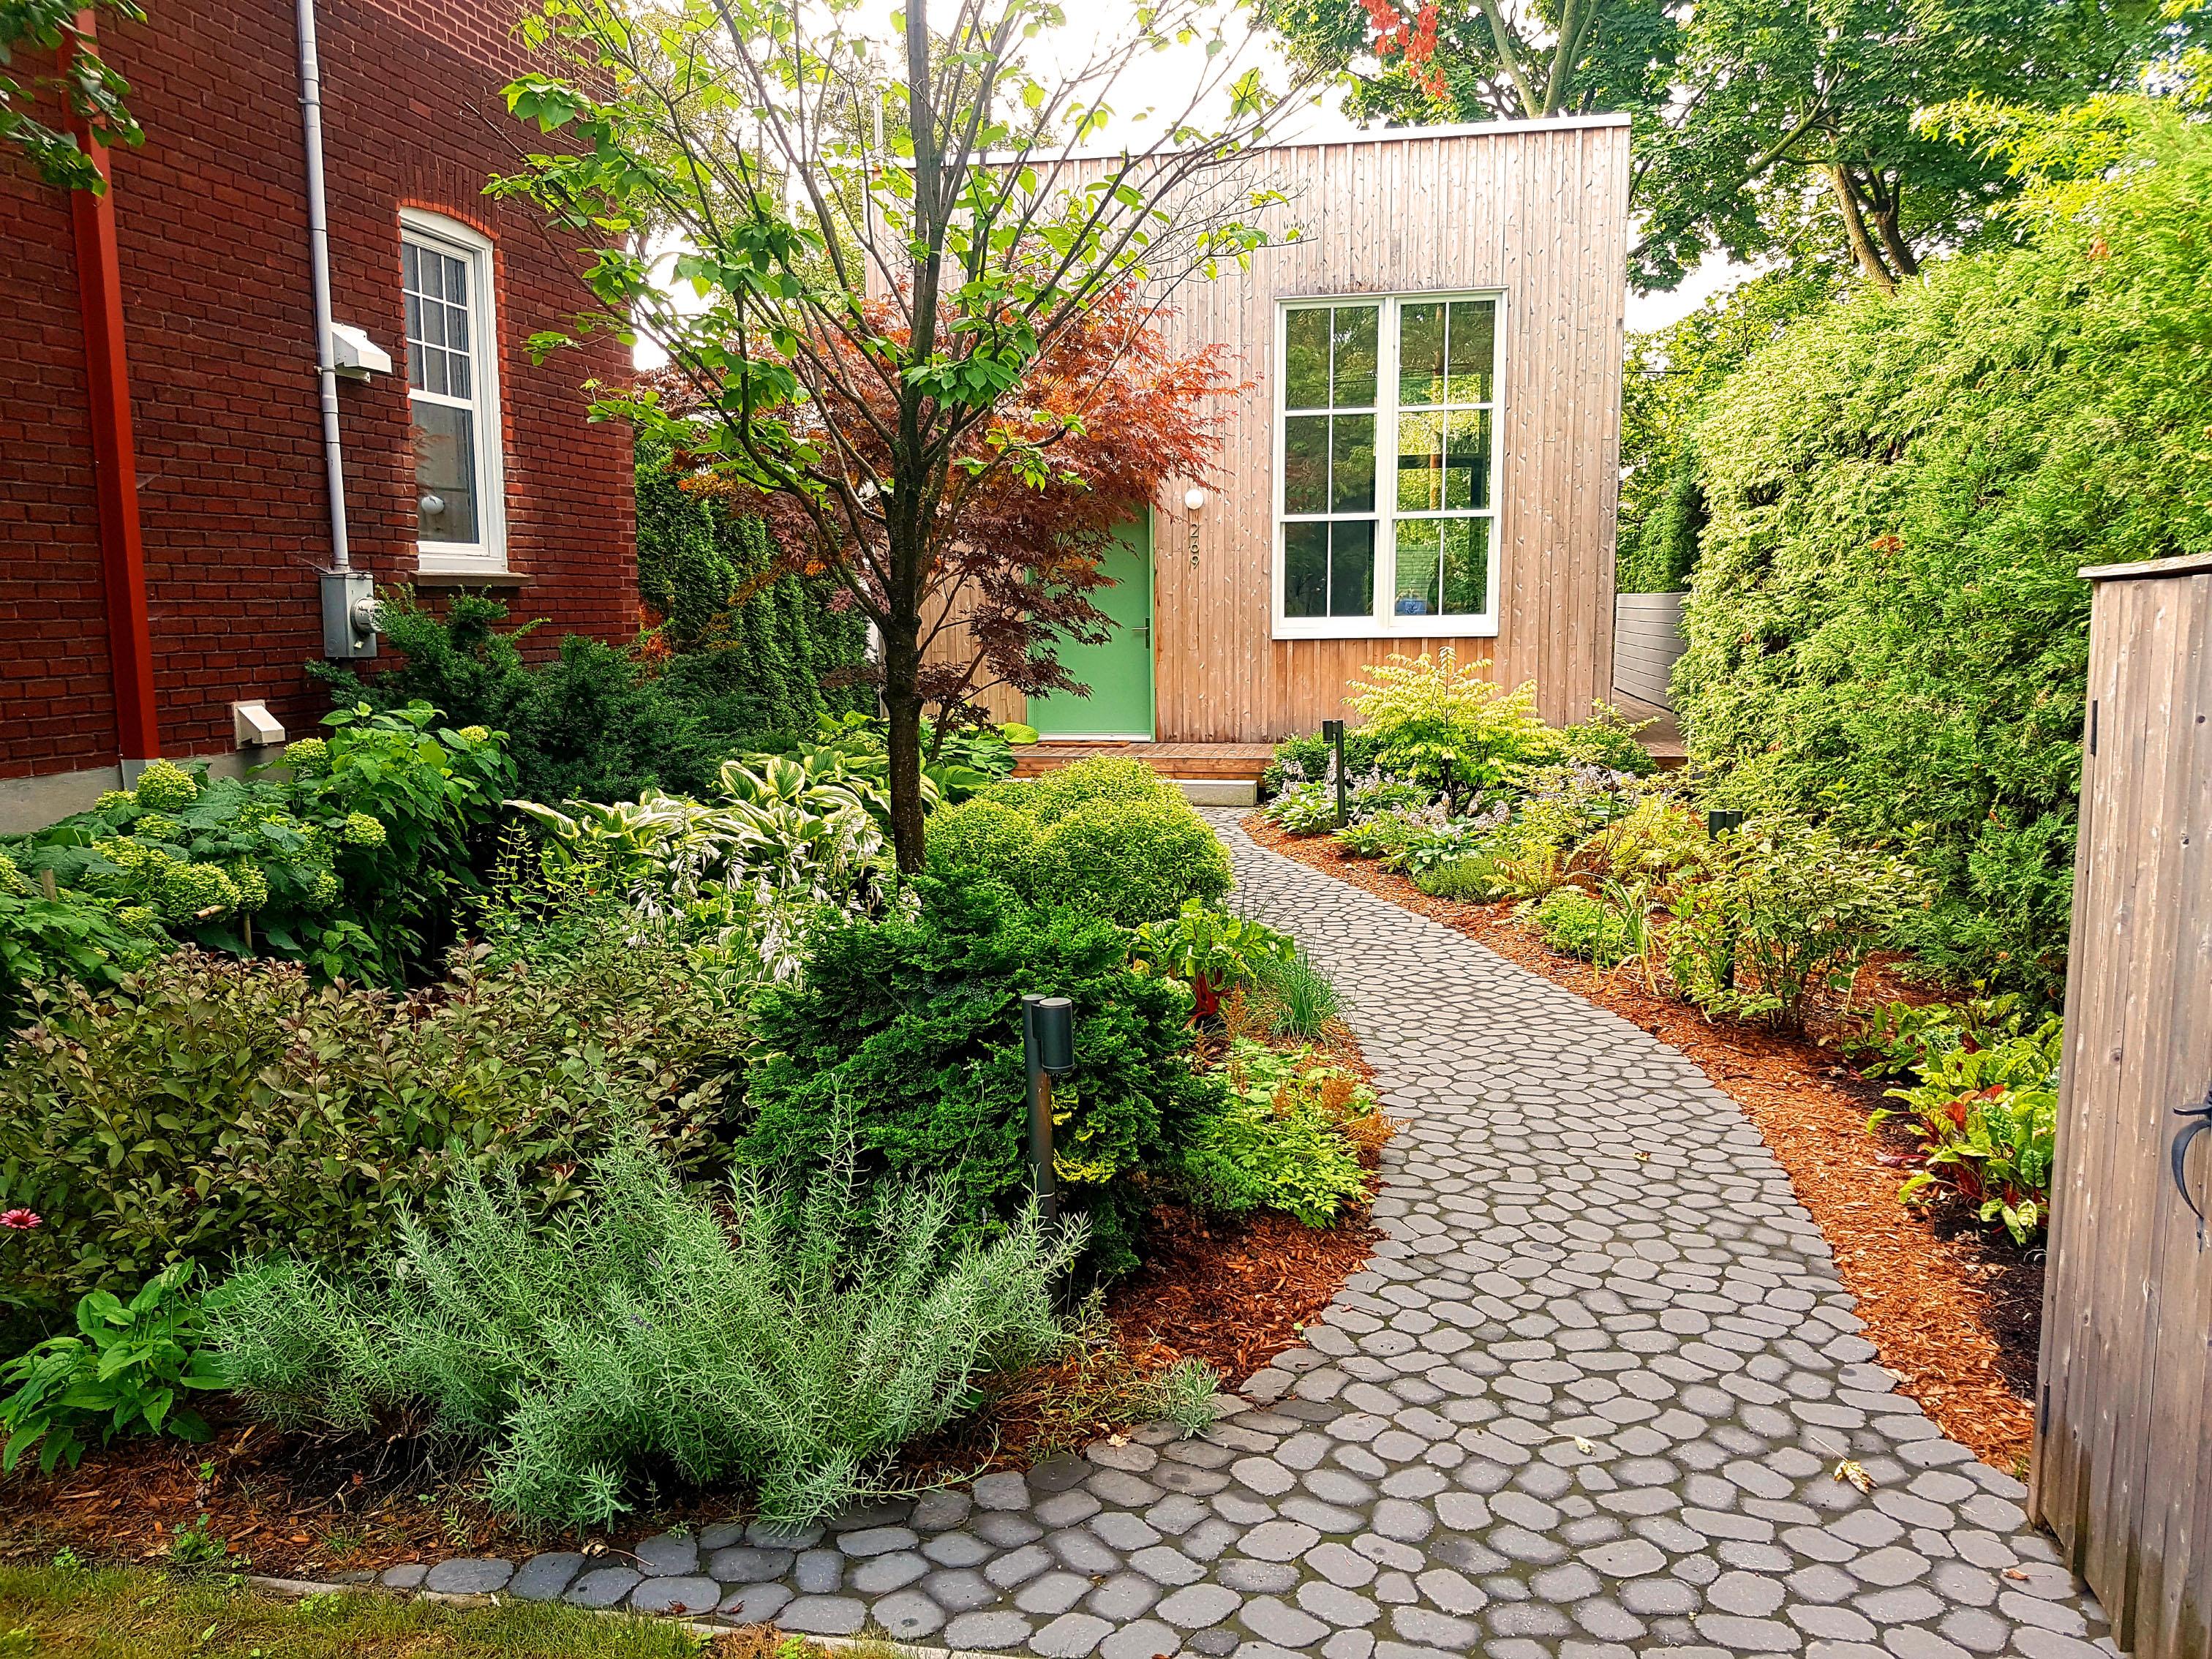 Traitement paysager d'une maisonnette comme s'il s'agissait d'une maison de campagne en milieu urbain, allée gourmande incluse! (Légumes et Fines herbes sont dissimulés parmi les plantes ornementales..)